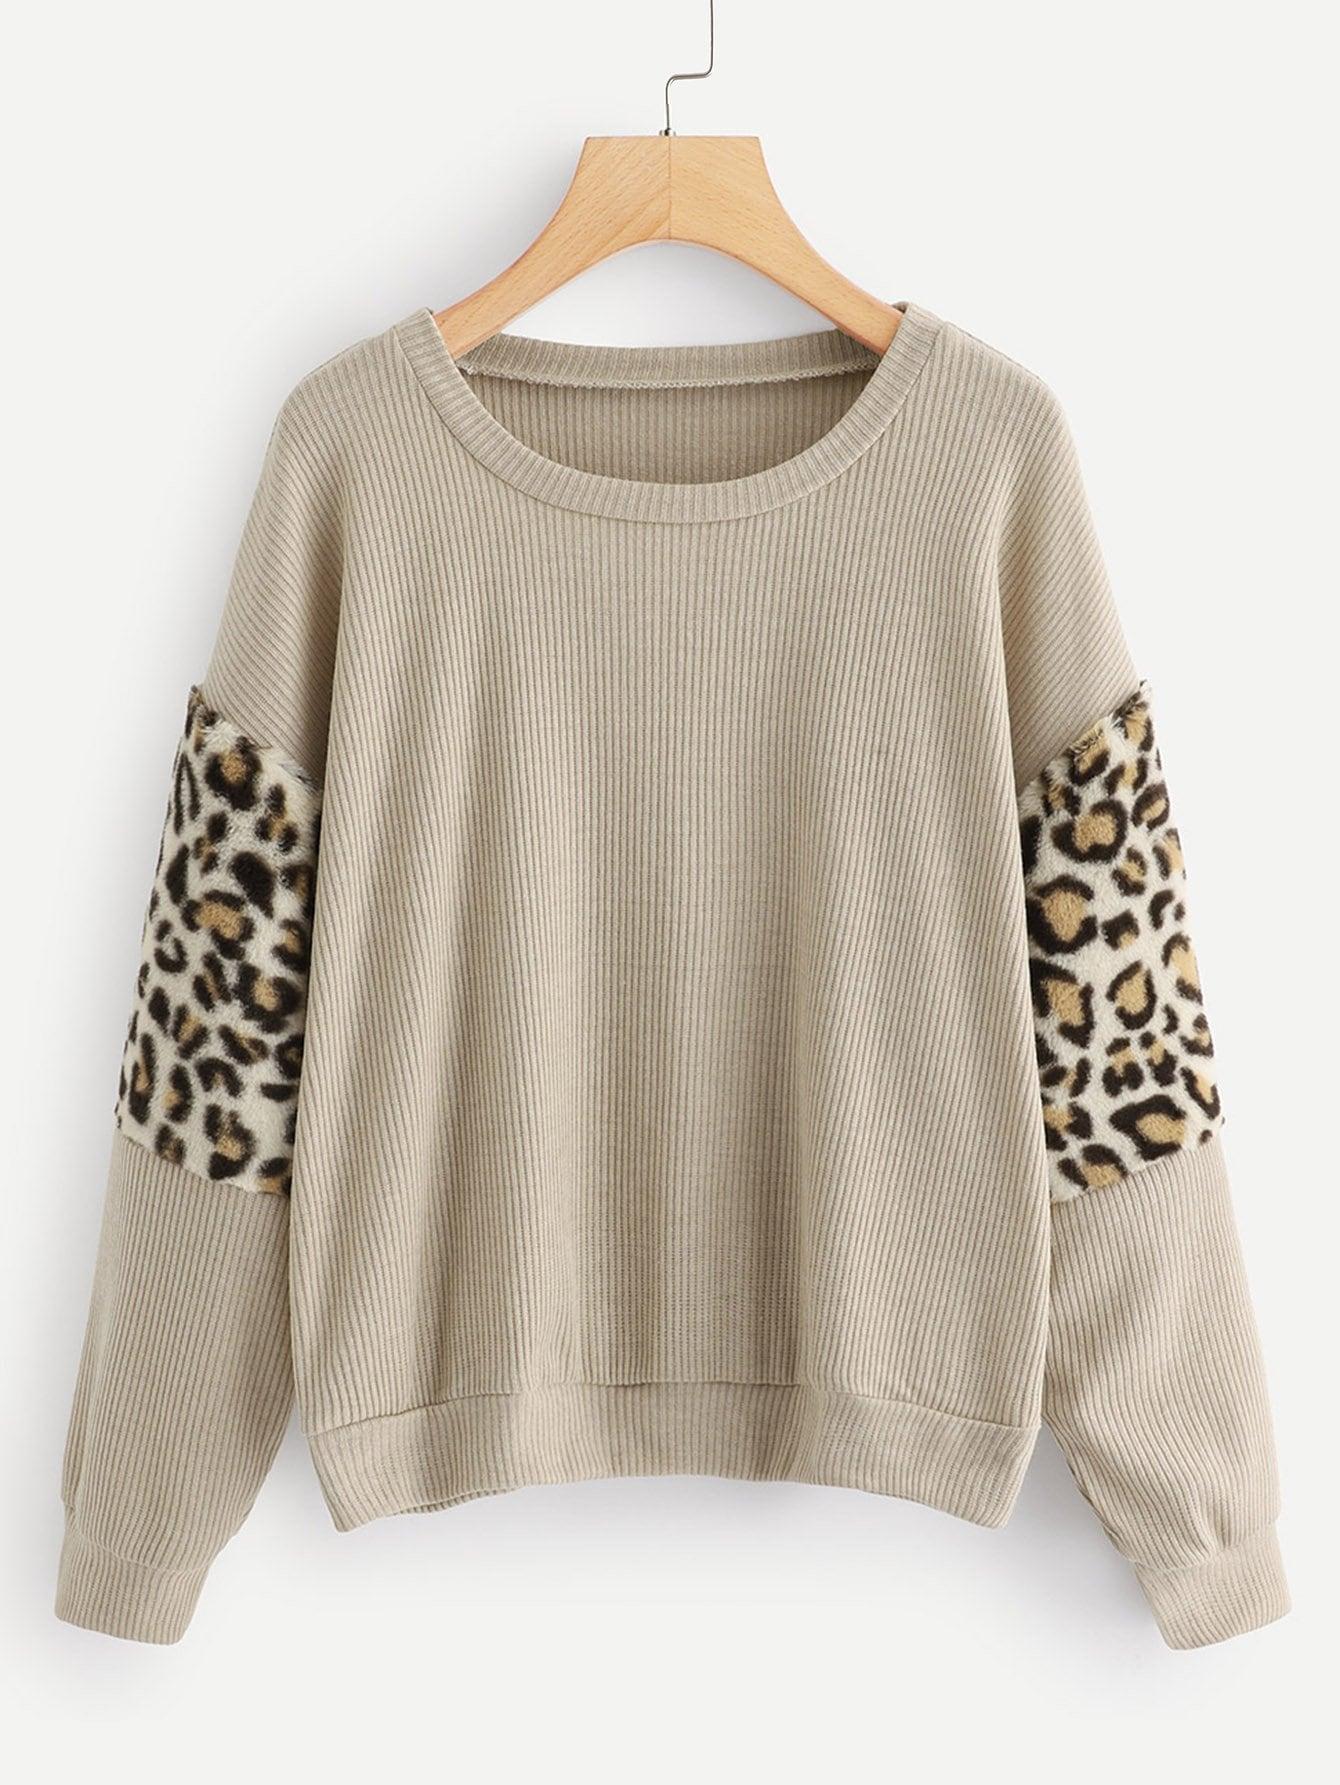 Фото - Контрастный леопардовый вязаный свитер от SheIn коричневого цвета